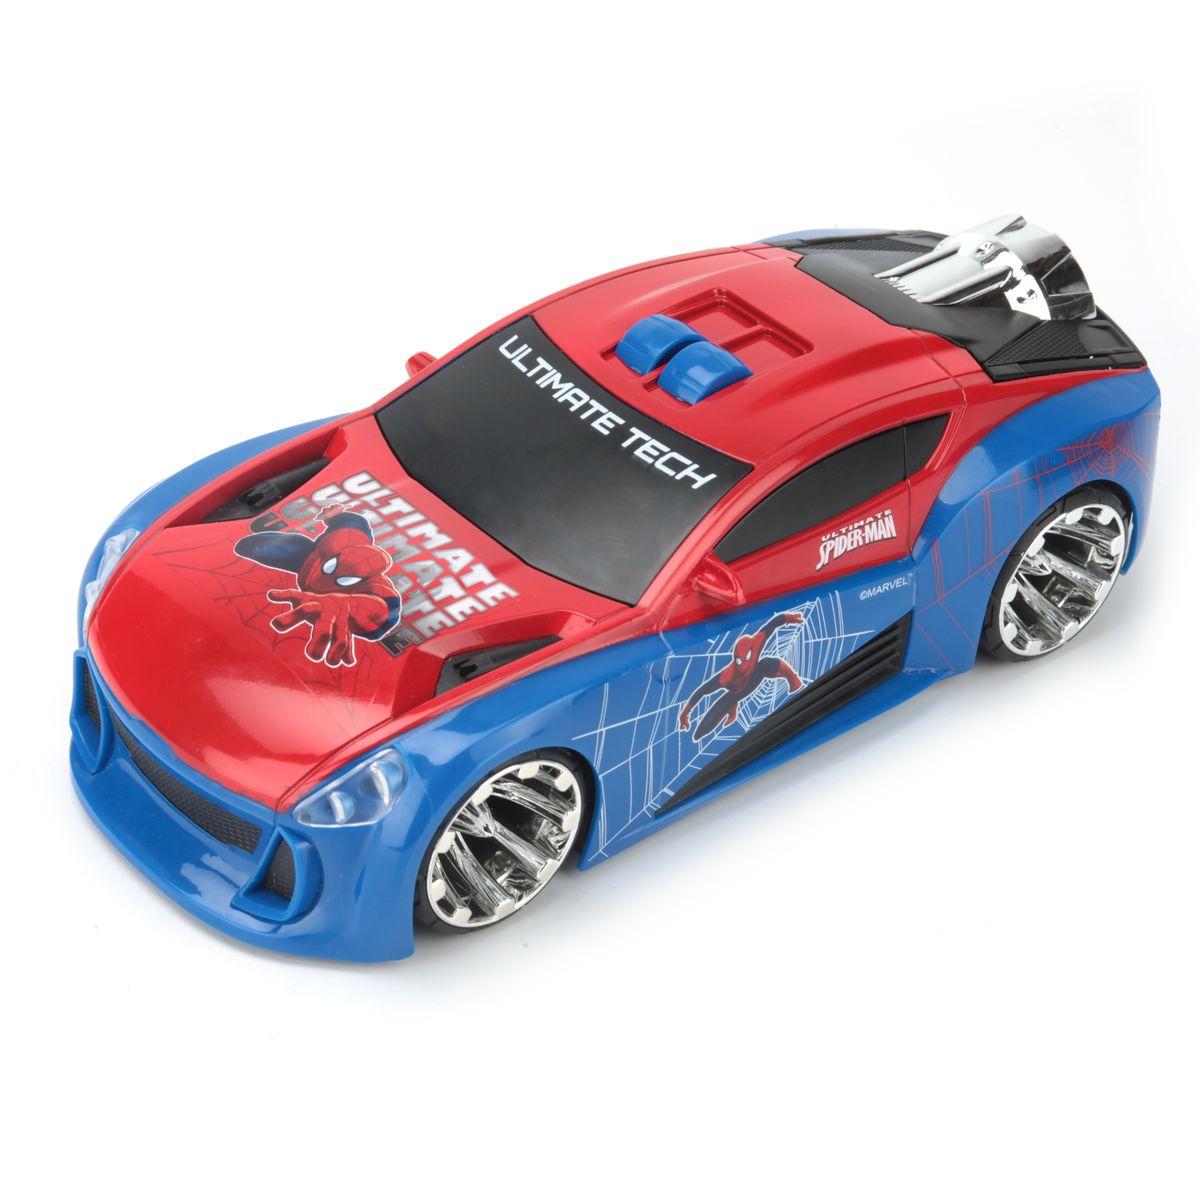 Toystate Машина Человек-паук цвет красный синий33345SPЯркая машинка Человек-паук со звуковыми и световыми эффектами, несомненно, понравится вашему ребенку и не позволит ему скучать. Игрушка выполнена в виде большой яркой гоночной машины. На крыше машины расположены 2 кнопки, при нажатии на кнопку 1 под музыкальное сопровождение загораются фары и турбина. При нажатии на кнопку 2 машина встает на дыбы и выдвигается турбина. Ваш ребенок часами будет играть с машинкой, придумывая различные истории и устраивая соревнования. Порадуйте его таким замечательным подарком! Рекомендуется докупить 3 батарейки AА (товар комплектуется демонстрационными).